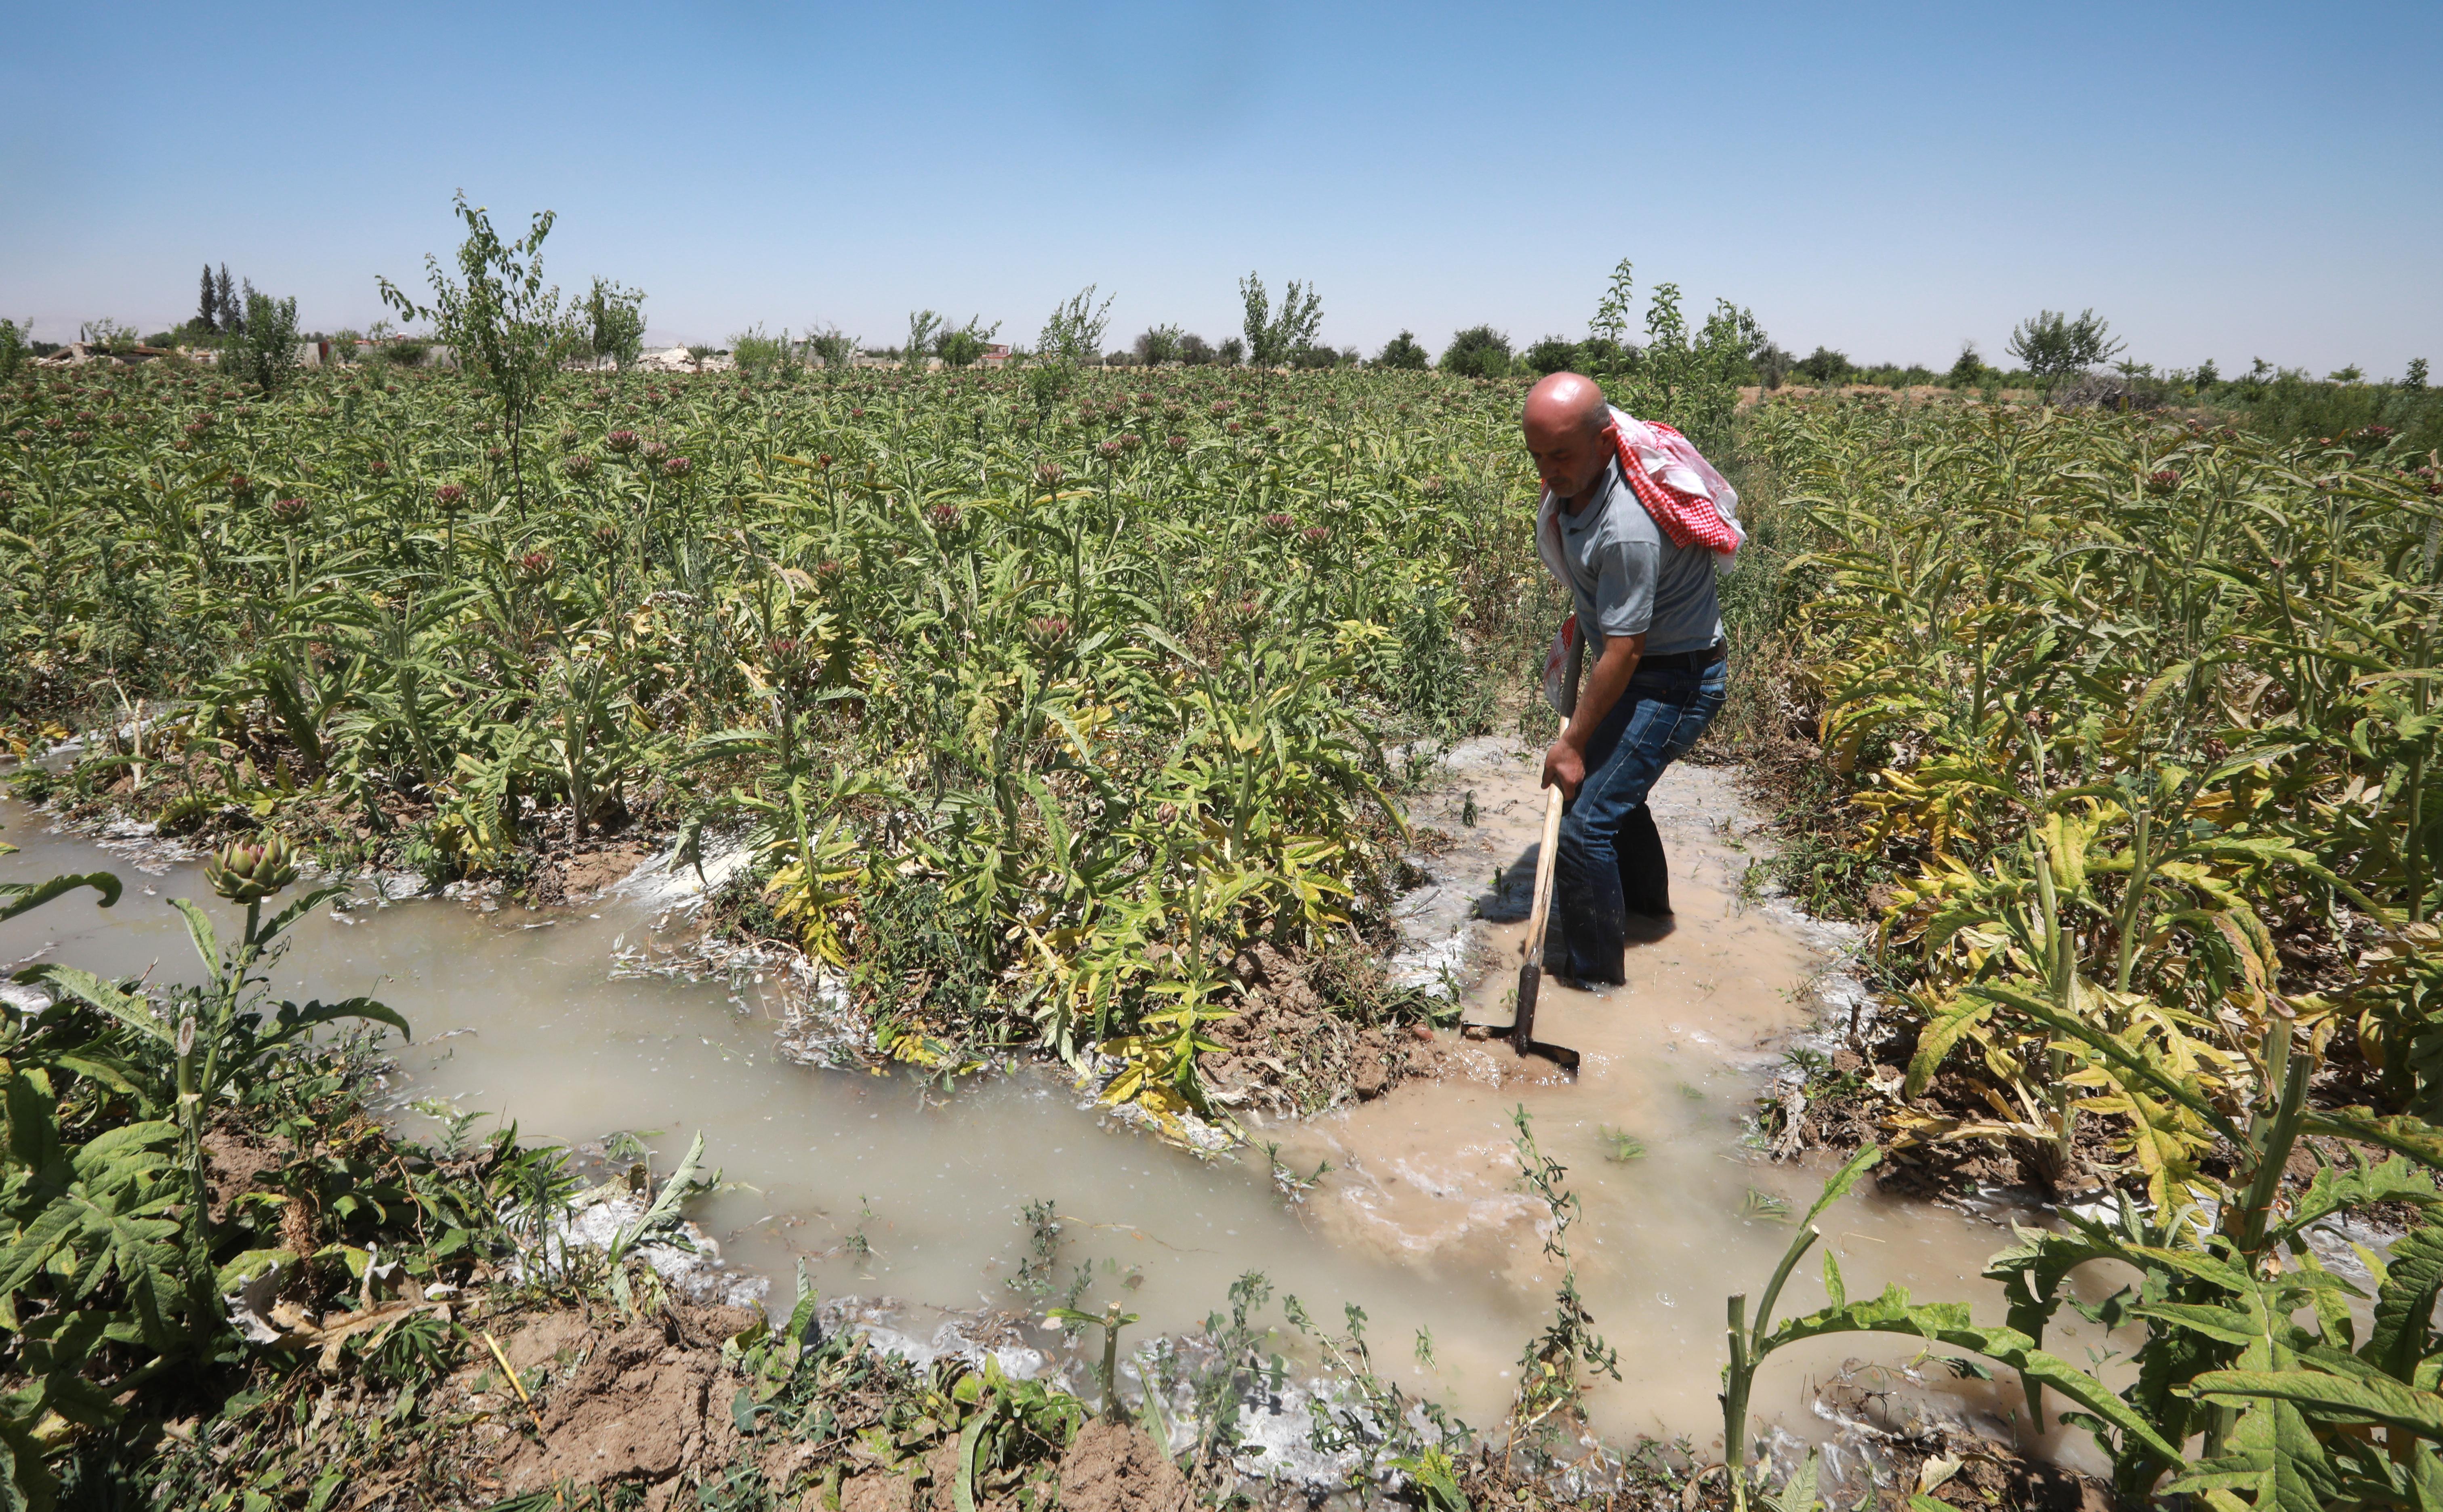 في بلدة دير العصافير، ينهمكُ المزارع الخمسيني رضوان هزاع في فتح قناة ري جديدة في أرضه